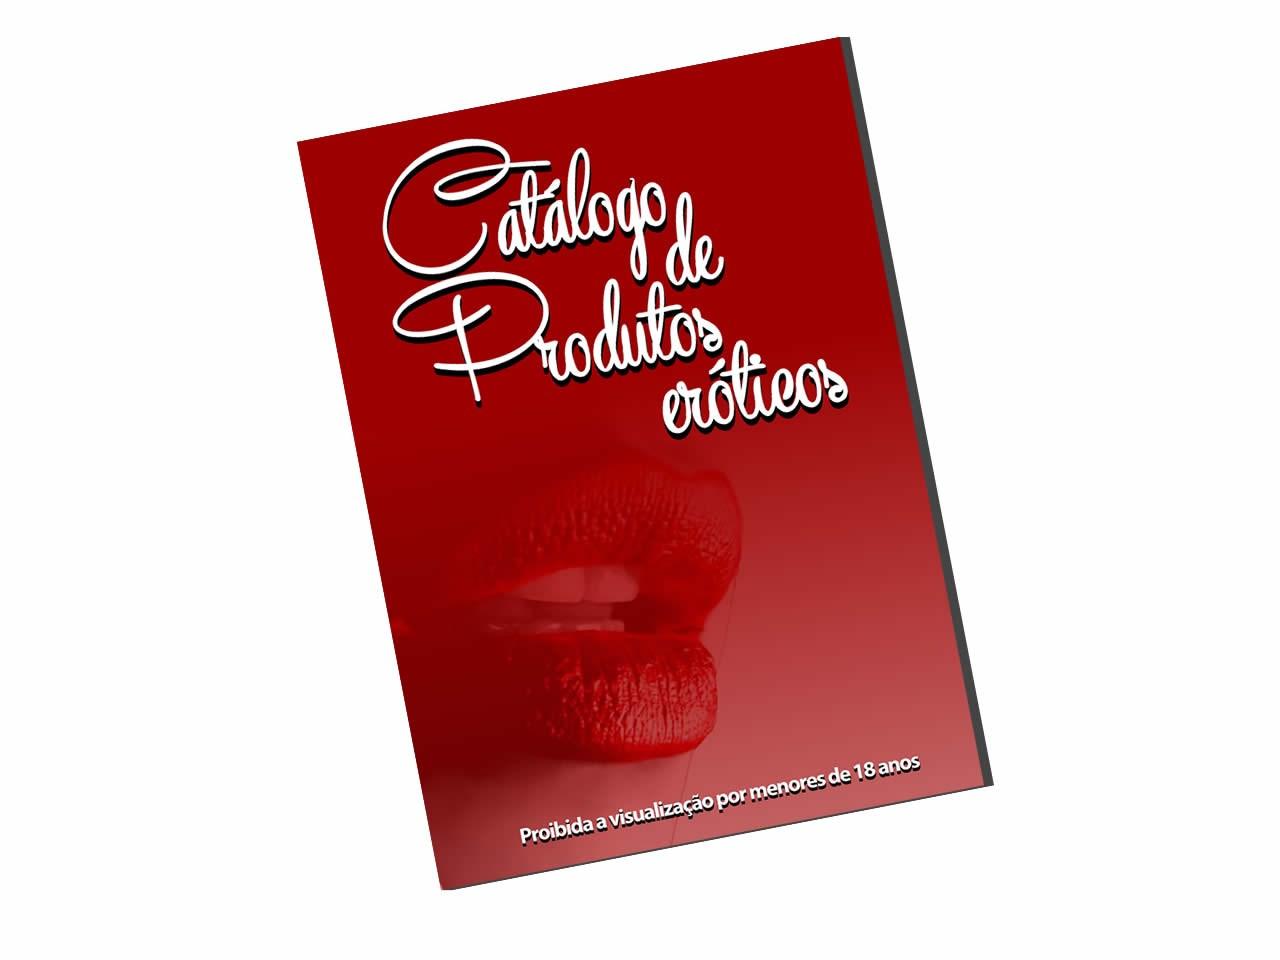 0c1045e1b Catálogo de produtos eróticos - Cupido Distribuidora - Cupido ...